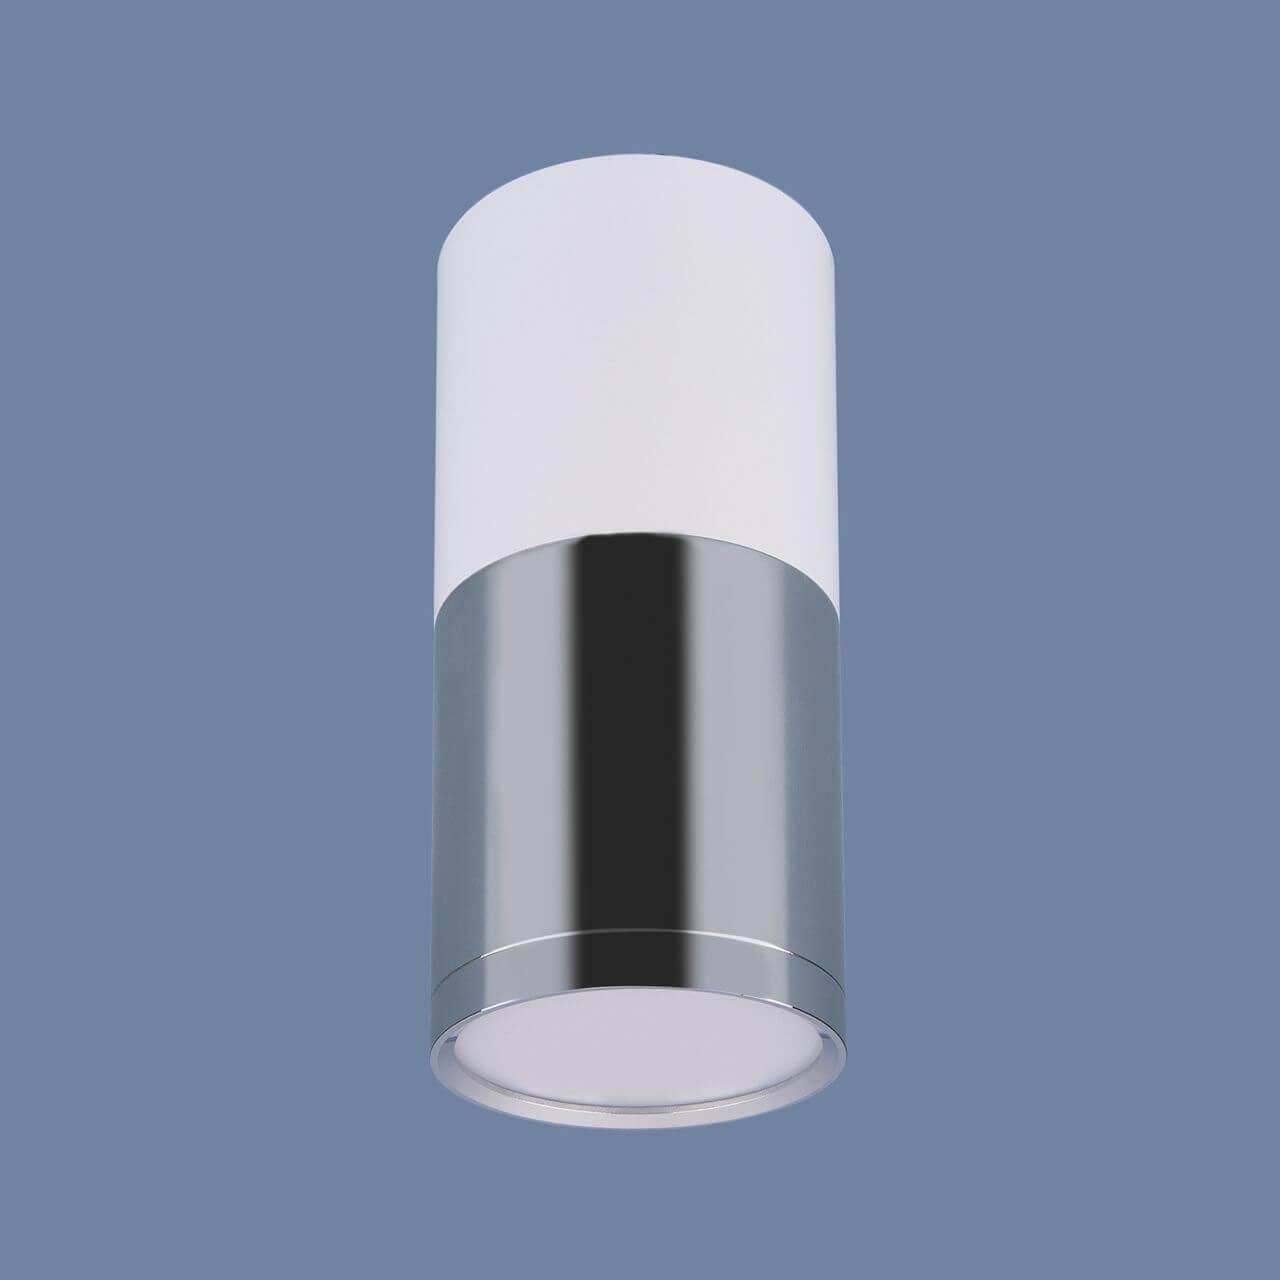 Потолочный светодиодный светильник Elektrostandard DLR028 6W 4200K белый матовый/хром 4690389121975 цена